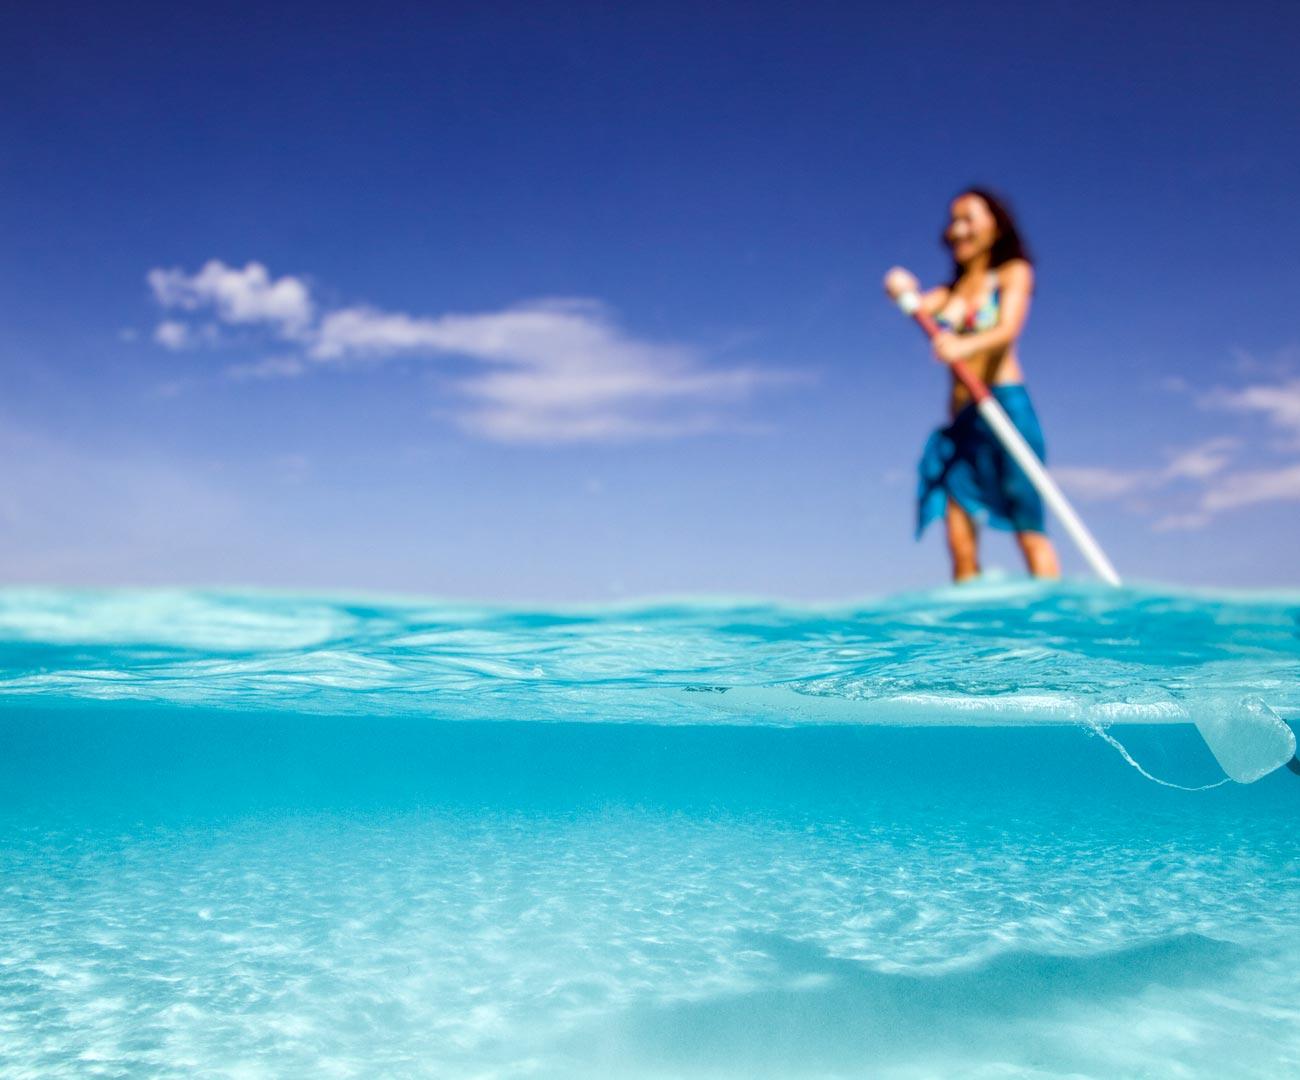 Stand Up Paddle Boarding in the Maldives Image | Kurumba Maldives Watersports